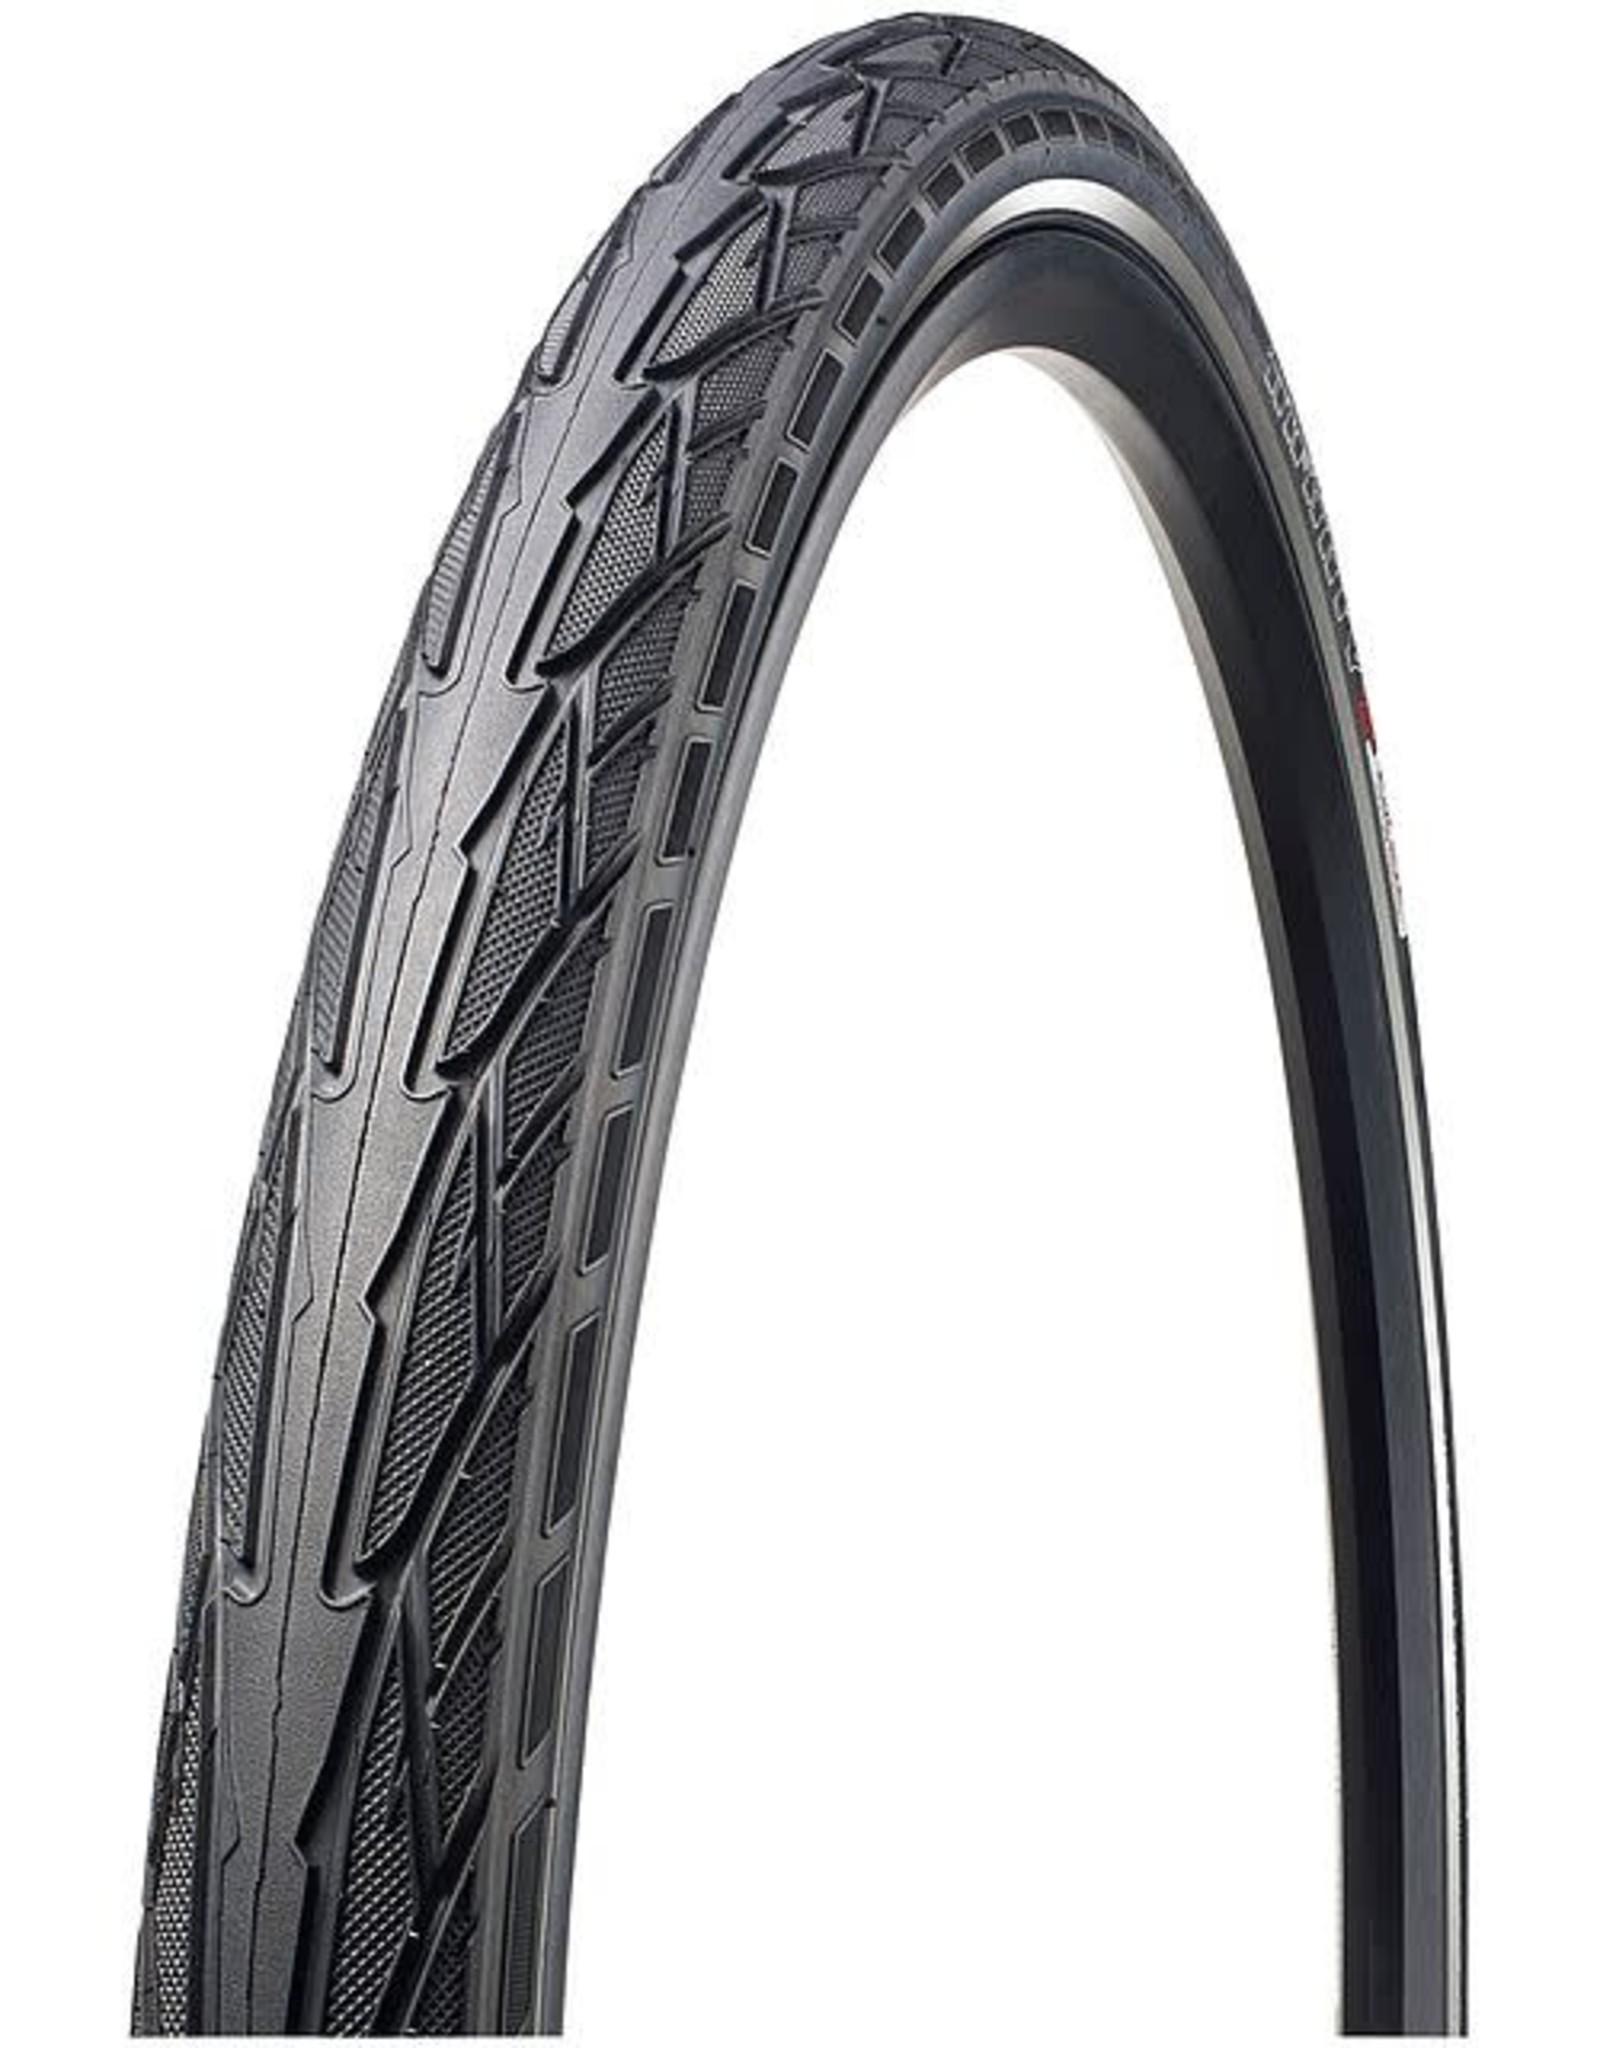 """SPECIALIZED SPECIALIZED Tire INFINITY SPORT REFLECT 26"""" x 1.75"""